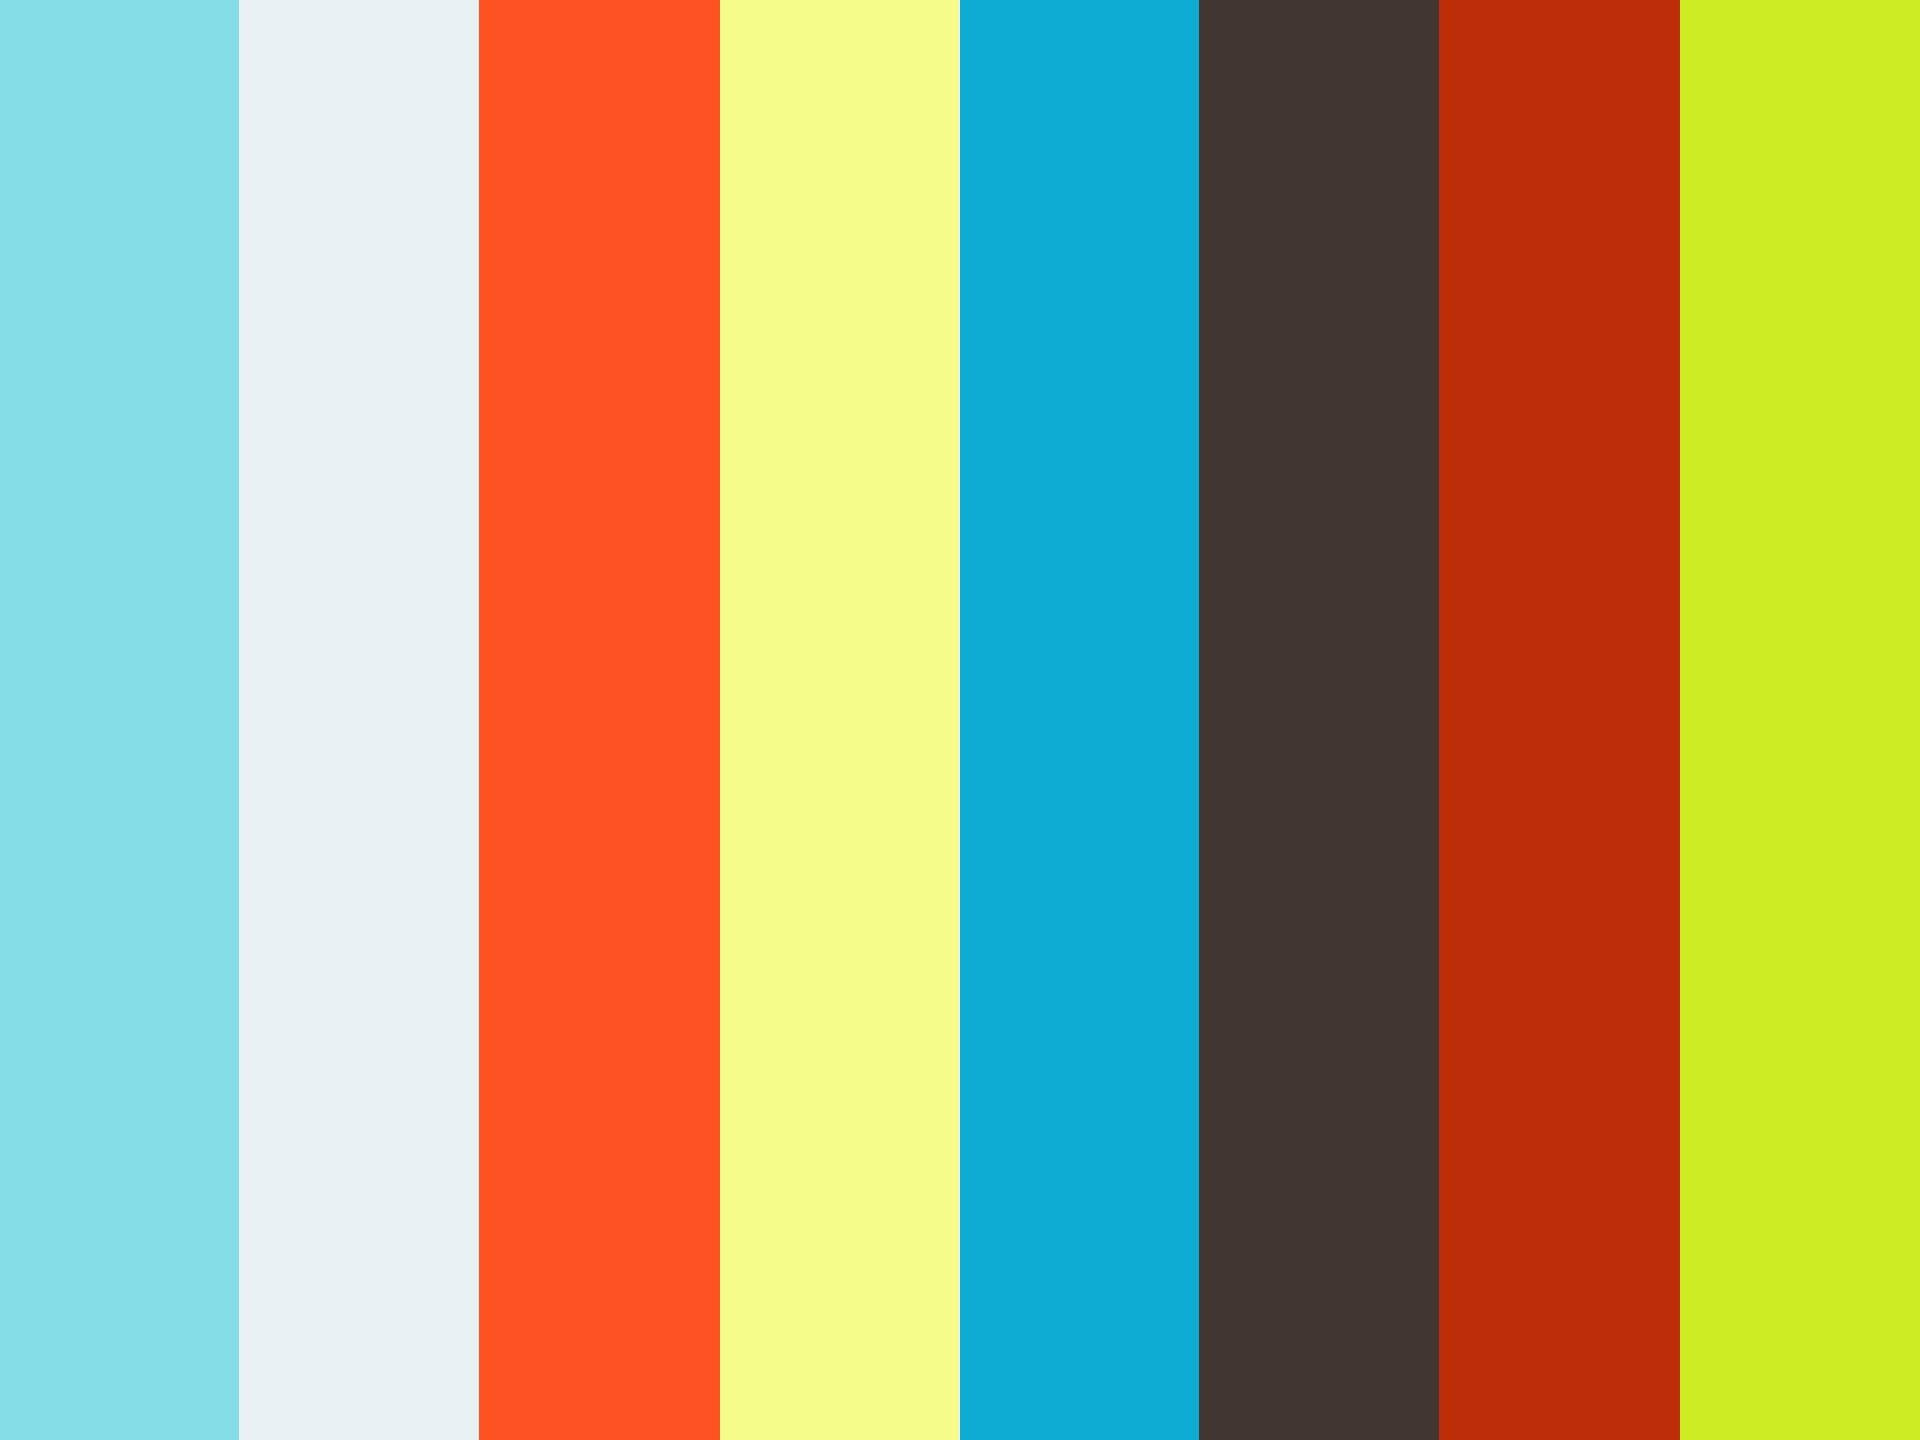 最新ジルコニアディスクによるインプラント上部補綴 #1 従来のジルコニアの問題